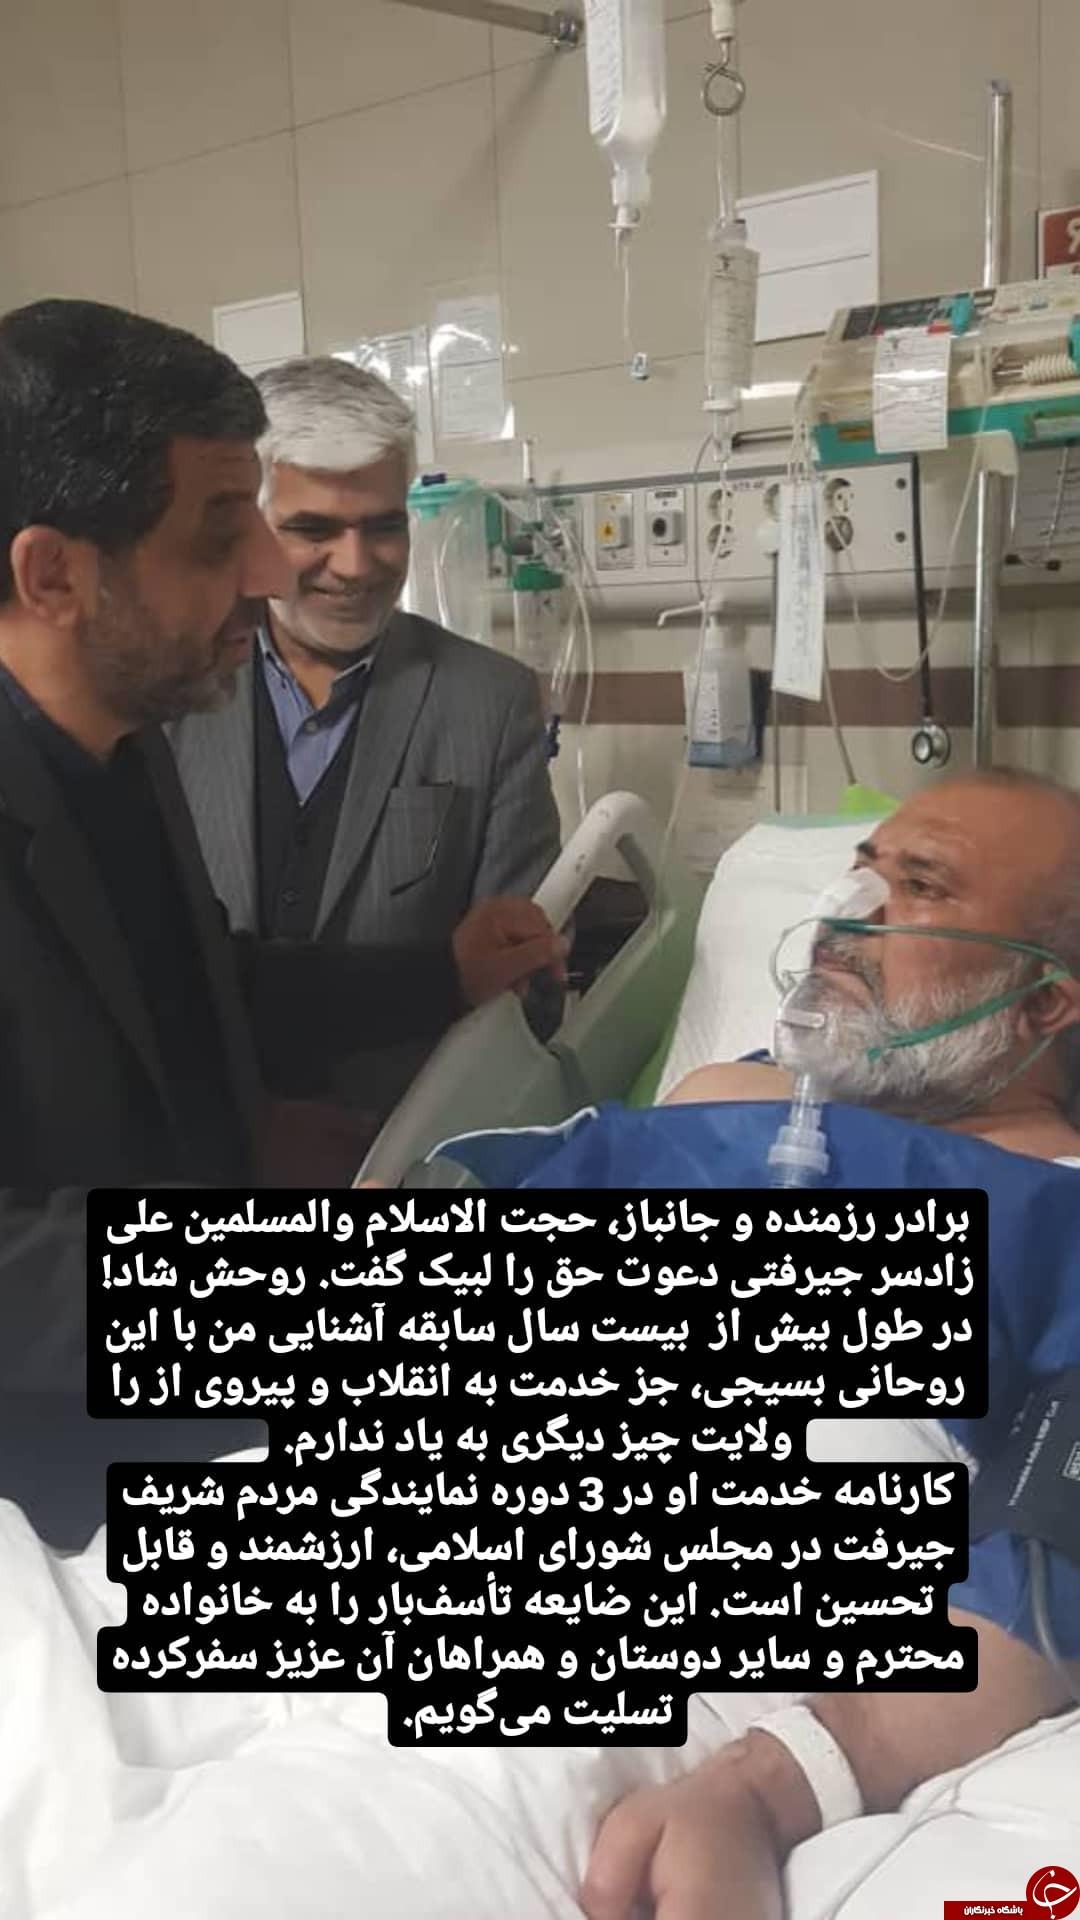 تسلیت ضرغامی در پی درگذشت نماینده جیرفت+عکس